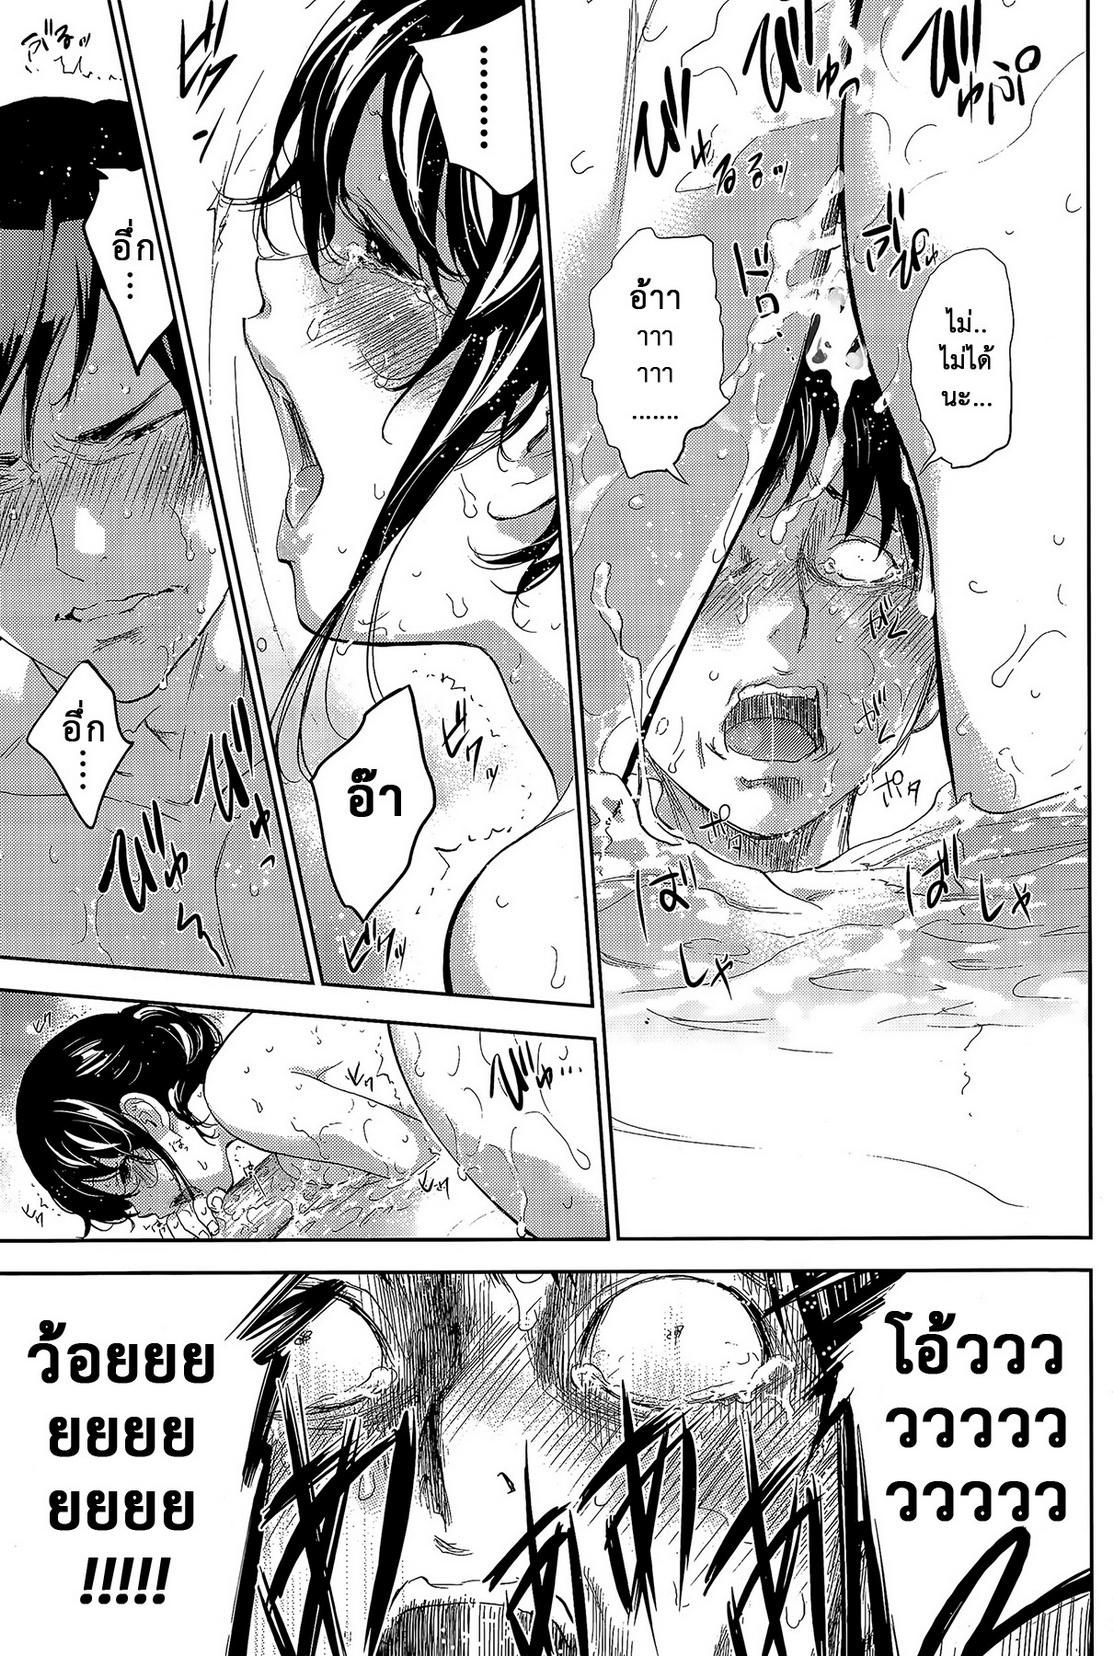 [Jinsei Ano Denchuu Made Sakusen (Shibasaki Syouzi)] Jewelry - Page #1